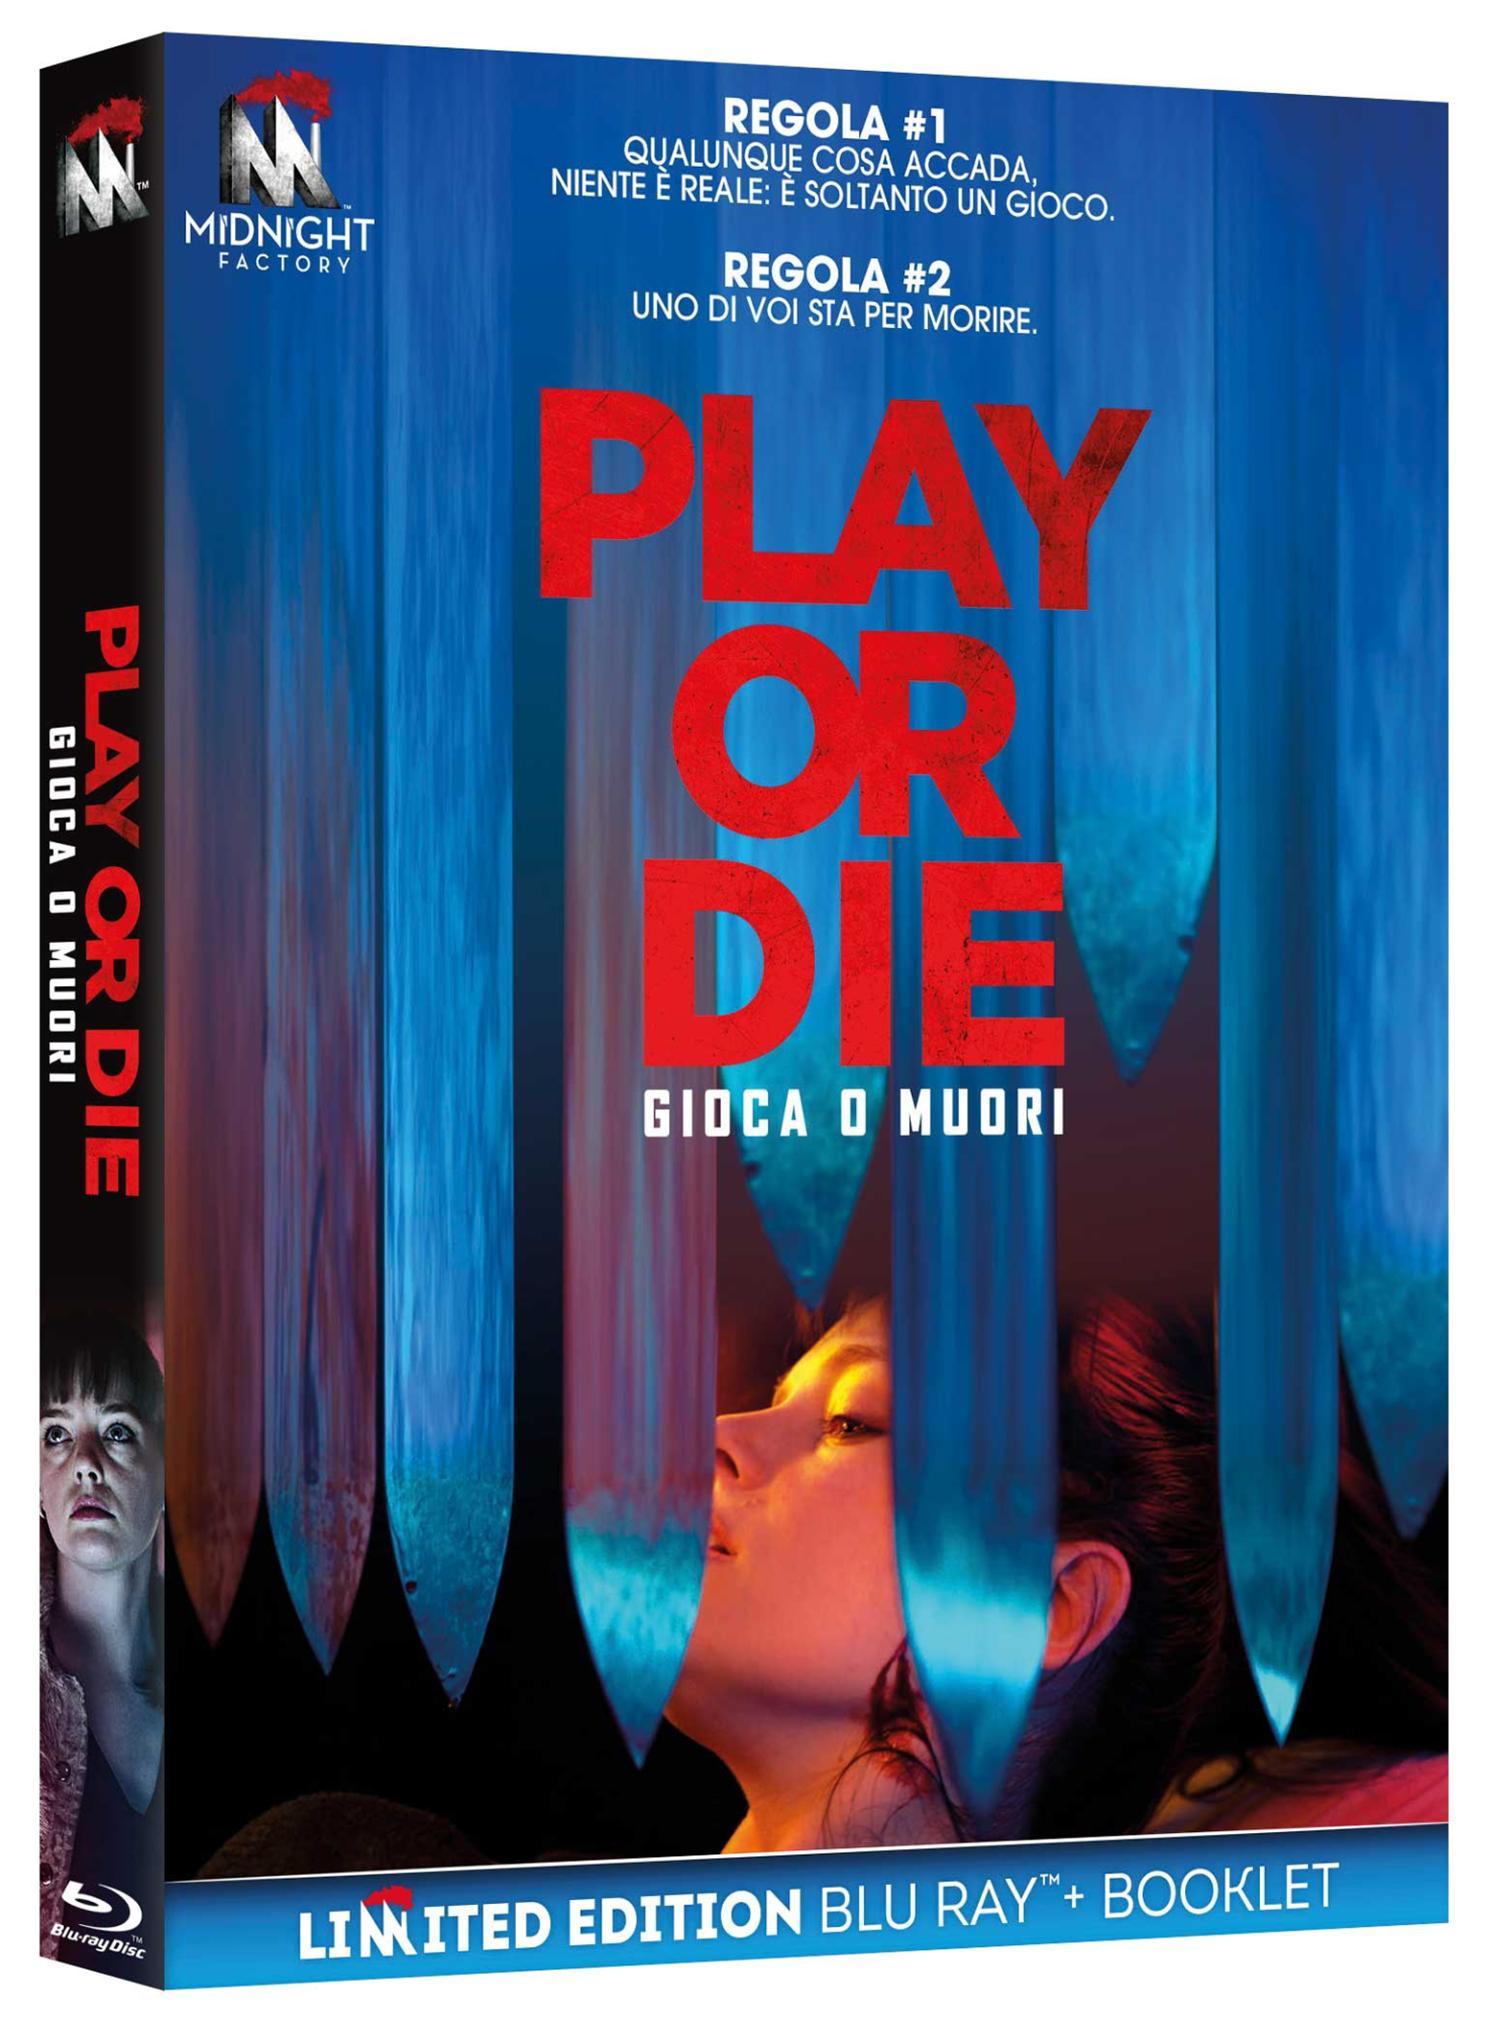 PLAY OR DIE (BLU-RAY+BOOKLET)